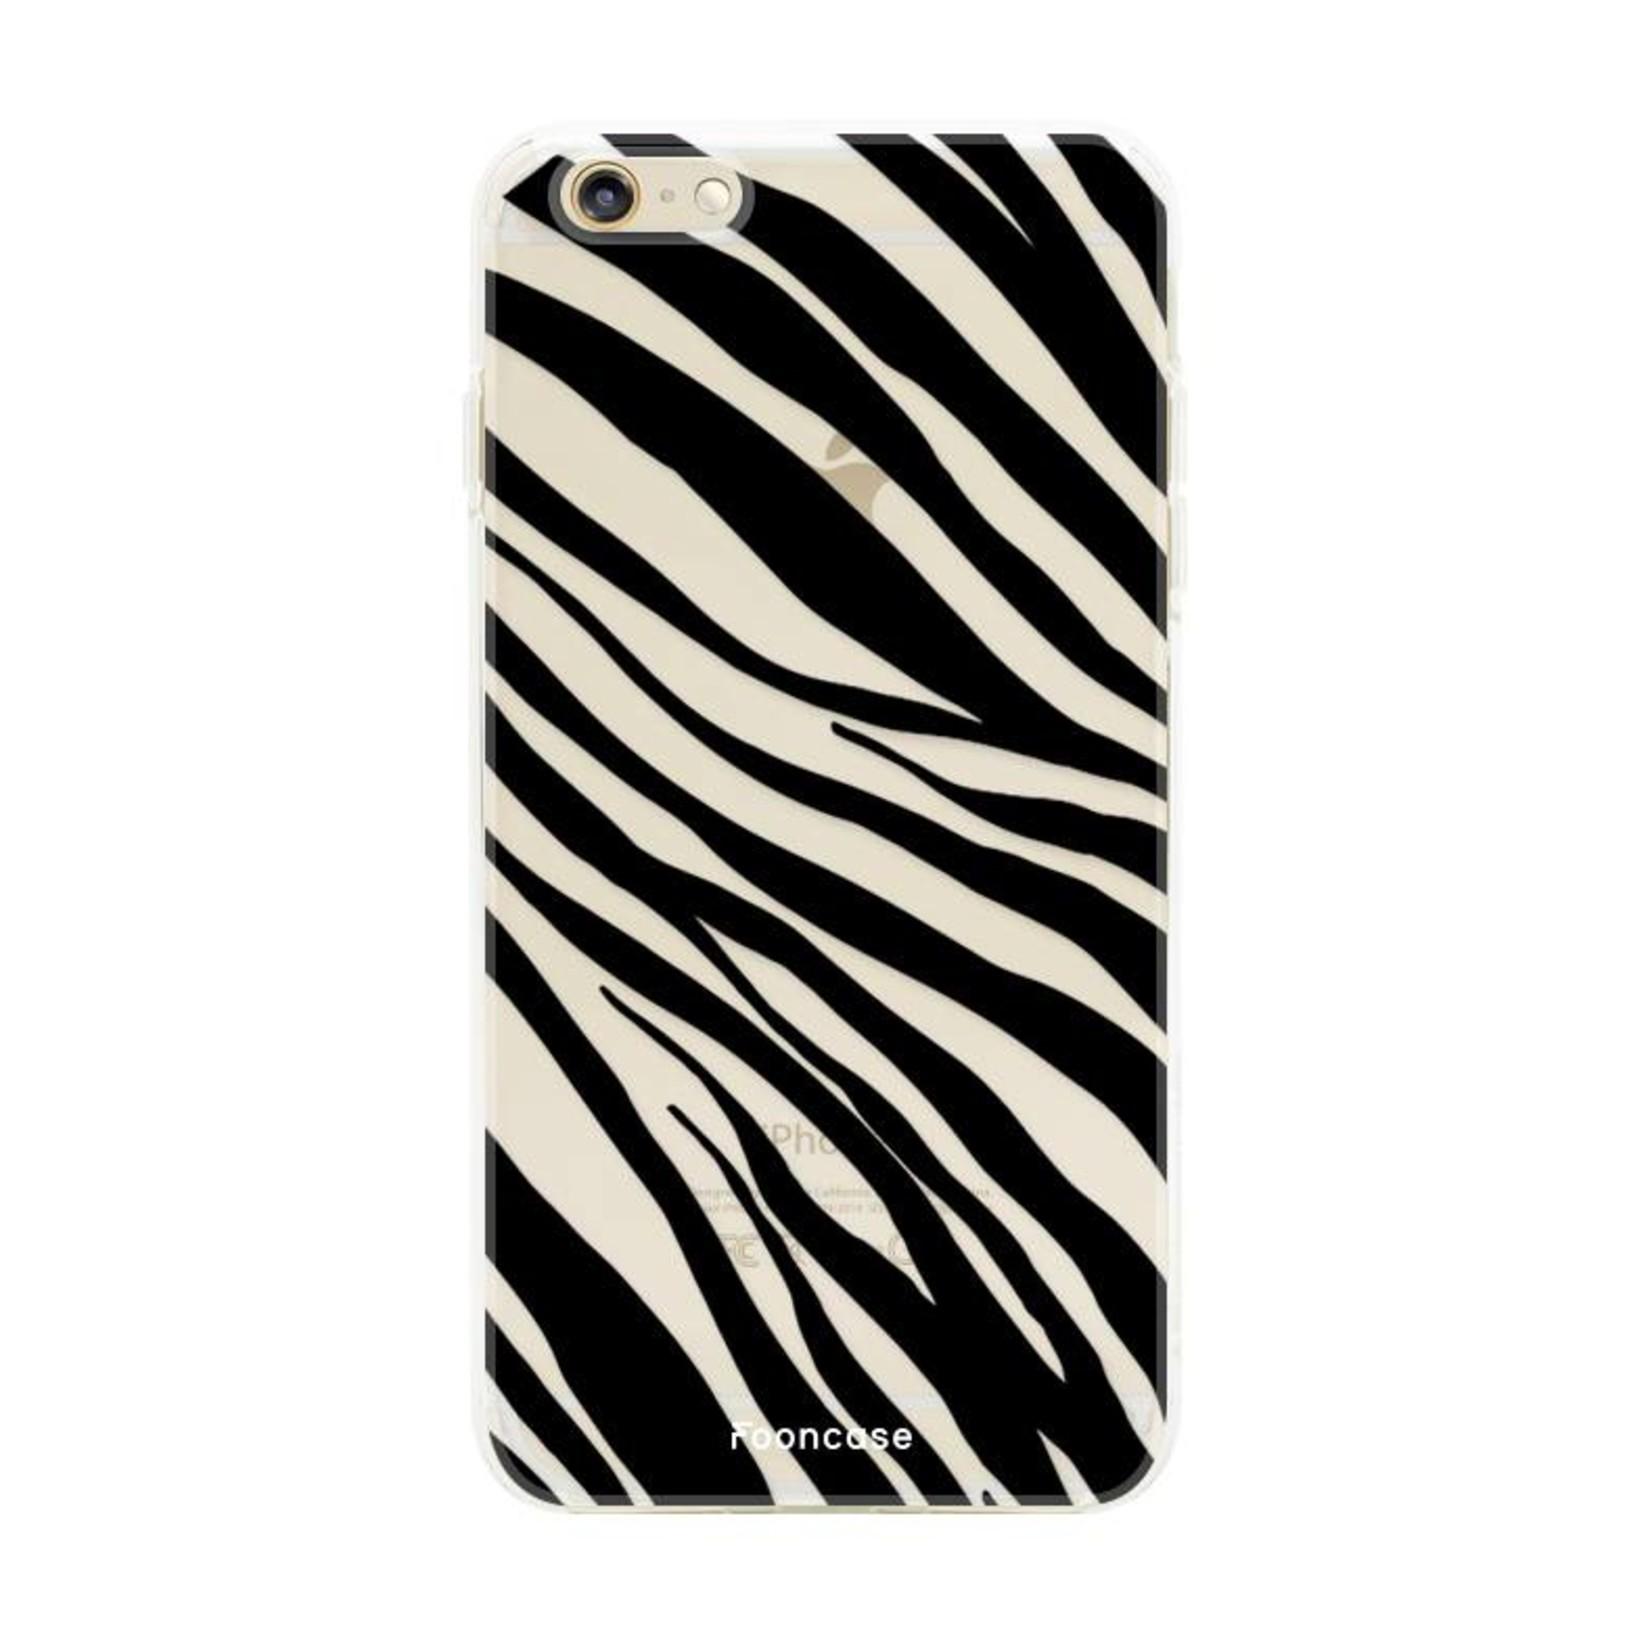 FOONCASE Iphone 6 Plus Handyhülle - Zebra